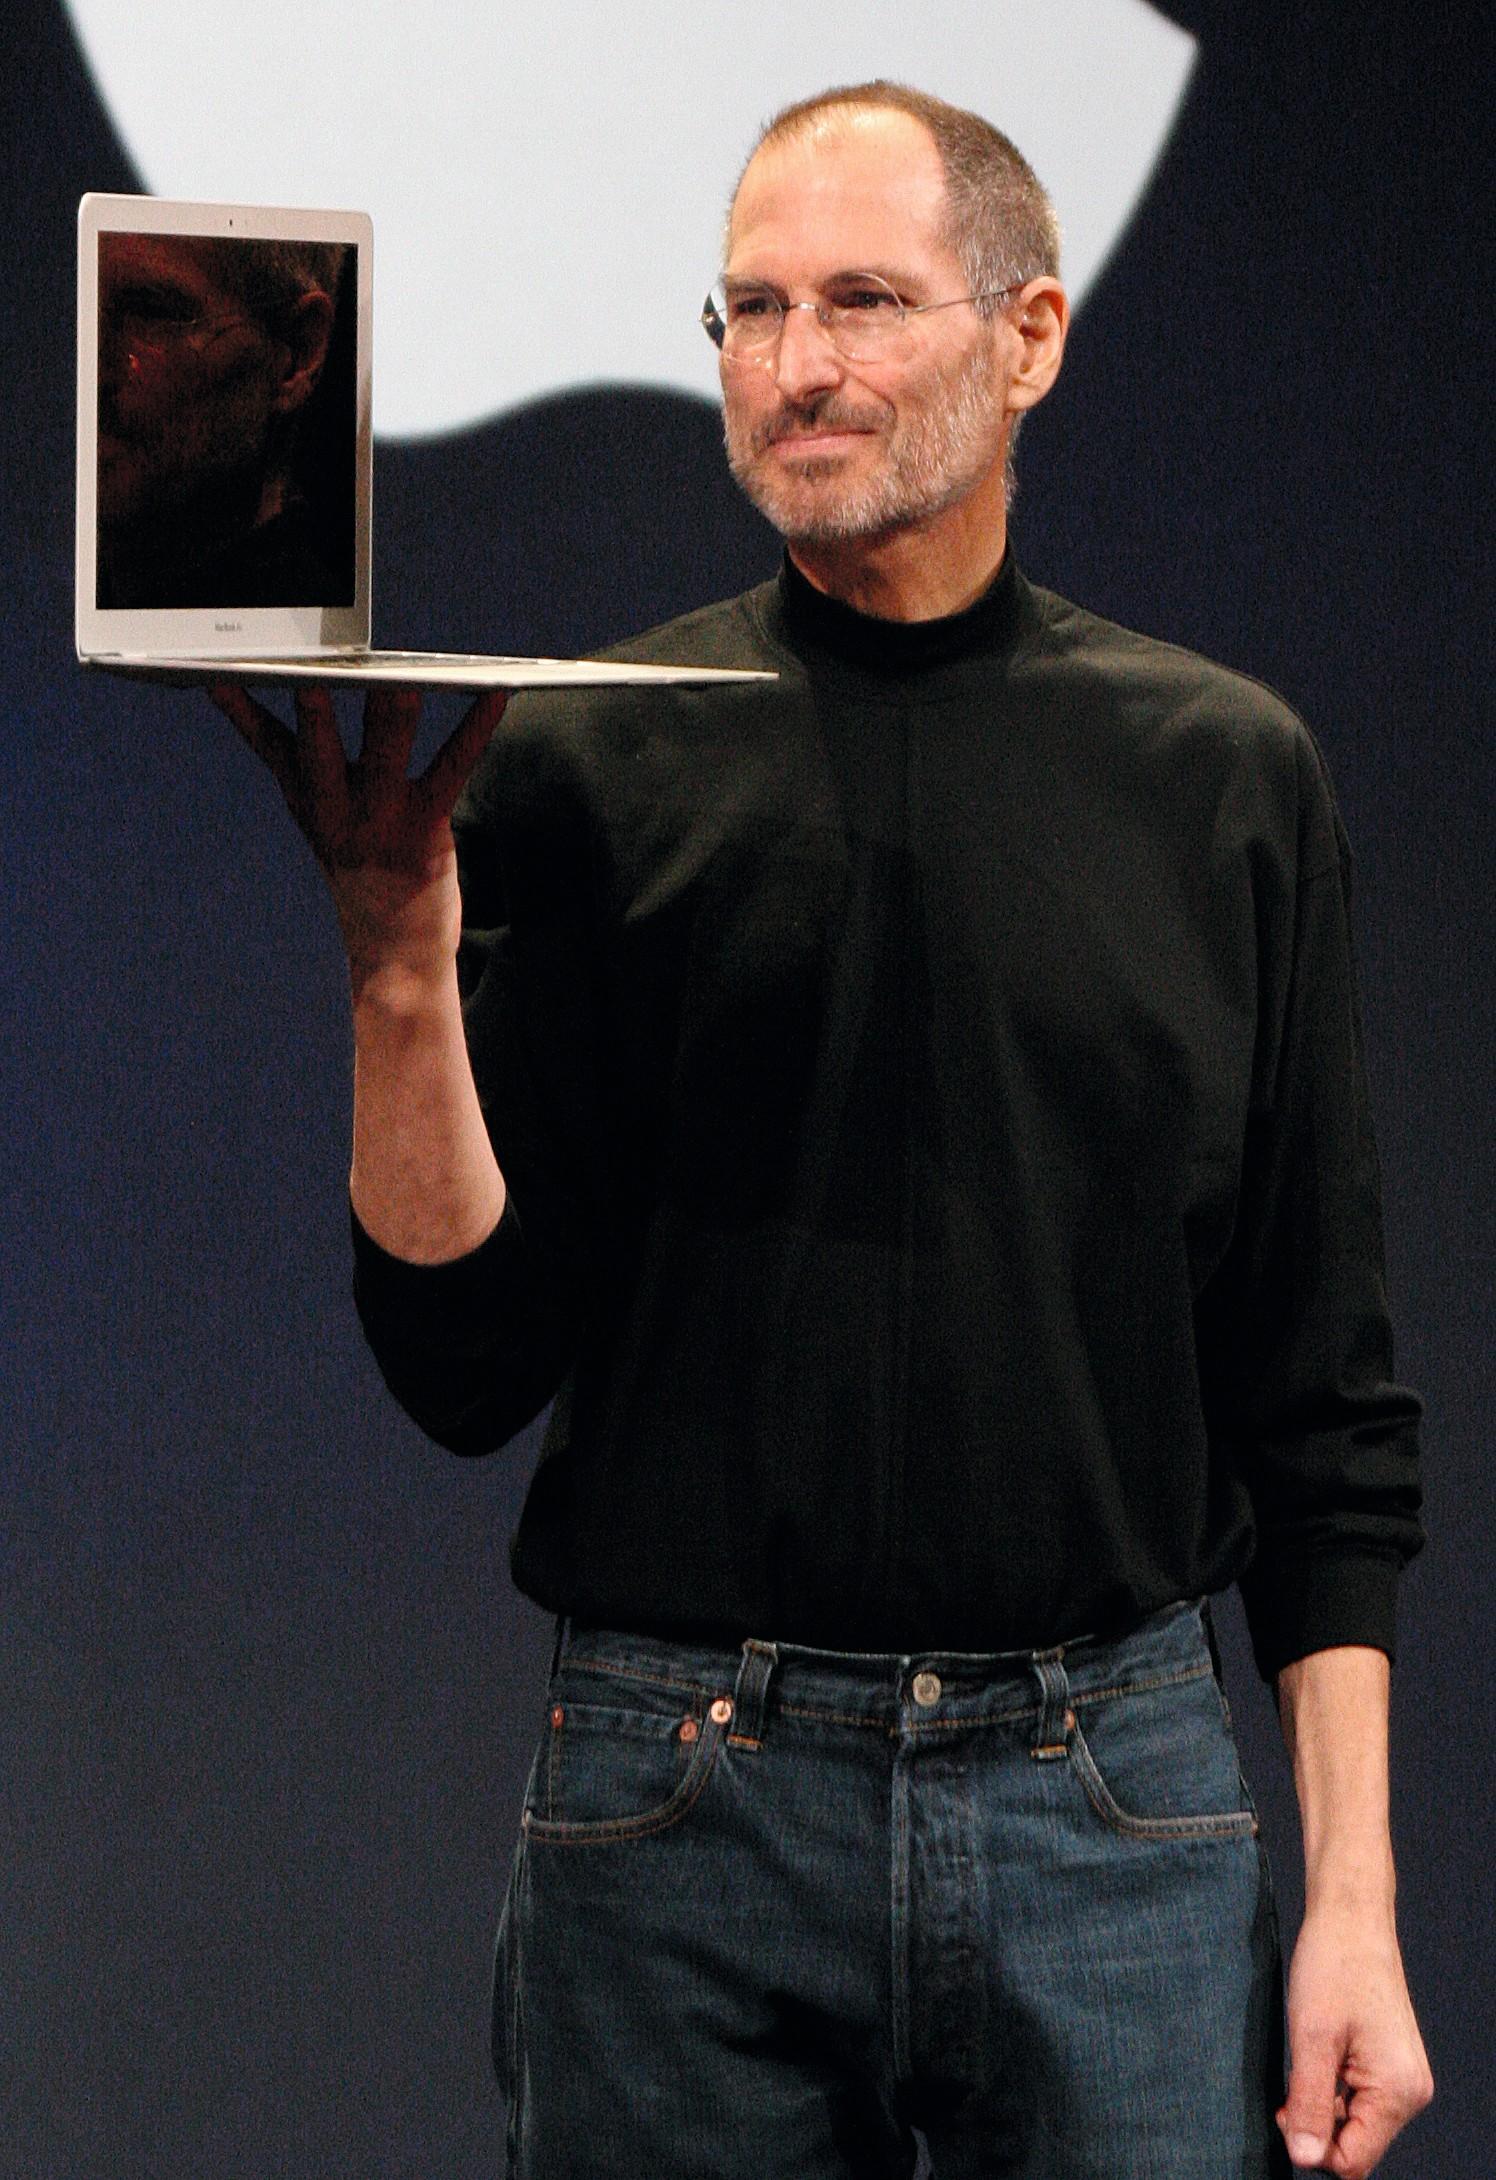 Présentation du MacBook Air par son créateur, Steve Jobs, en 2008